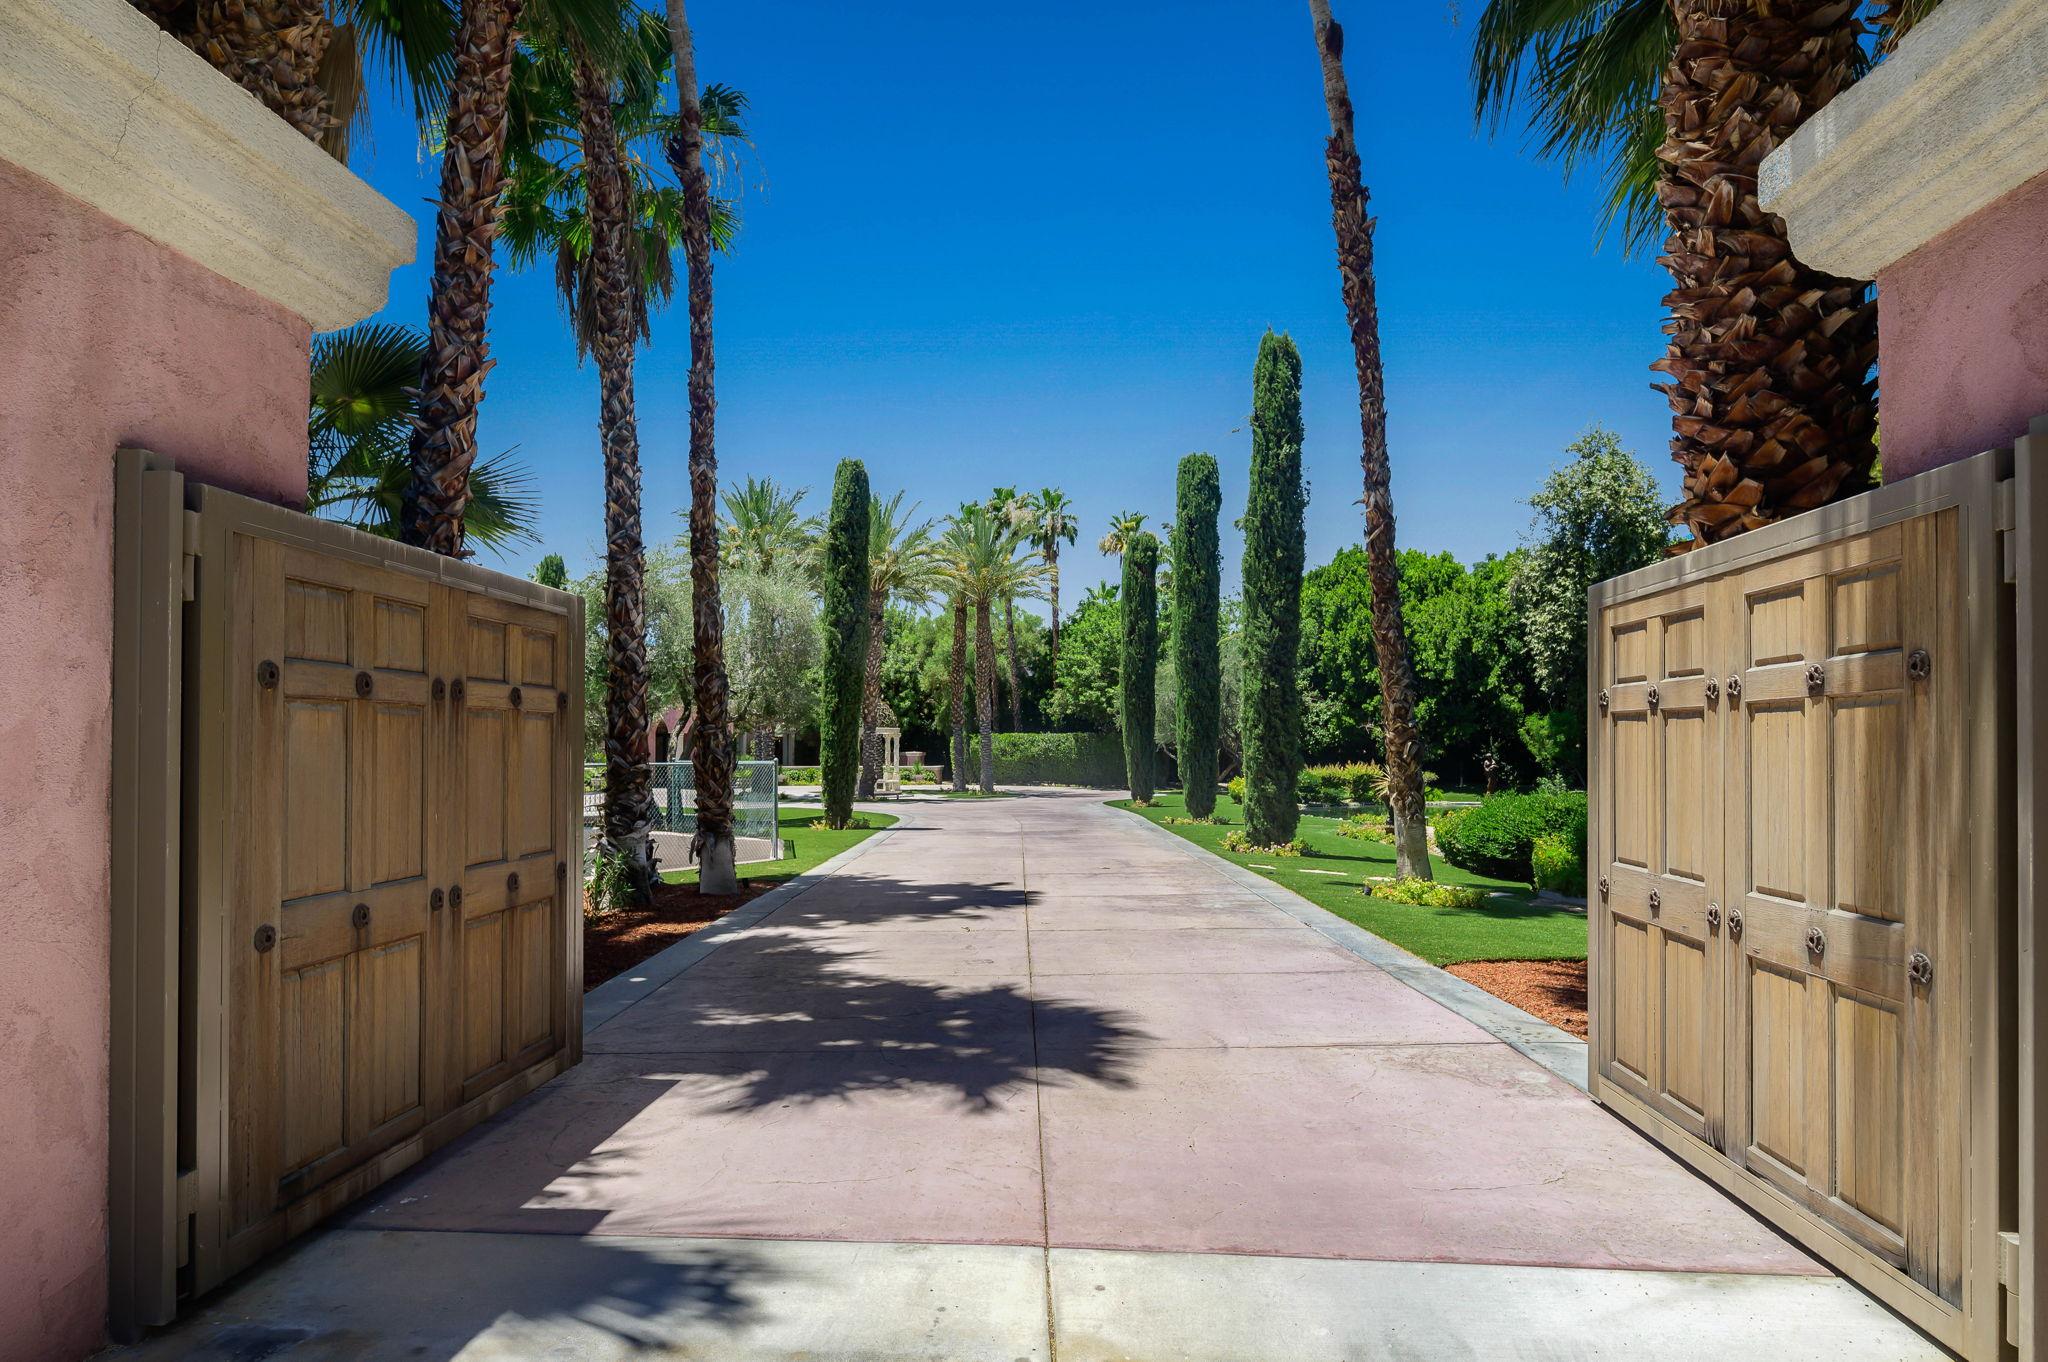 1+Von+Dehn+Rd+Rancho+Mirage-14-large.jpg